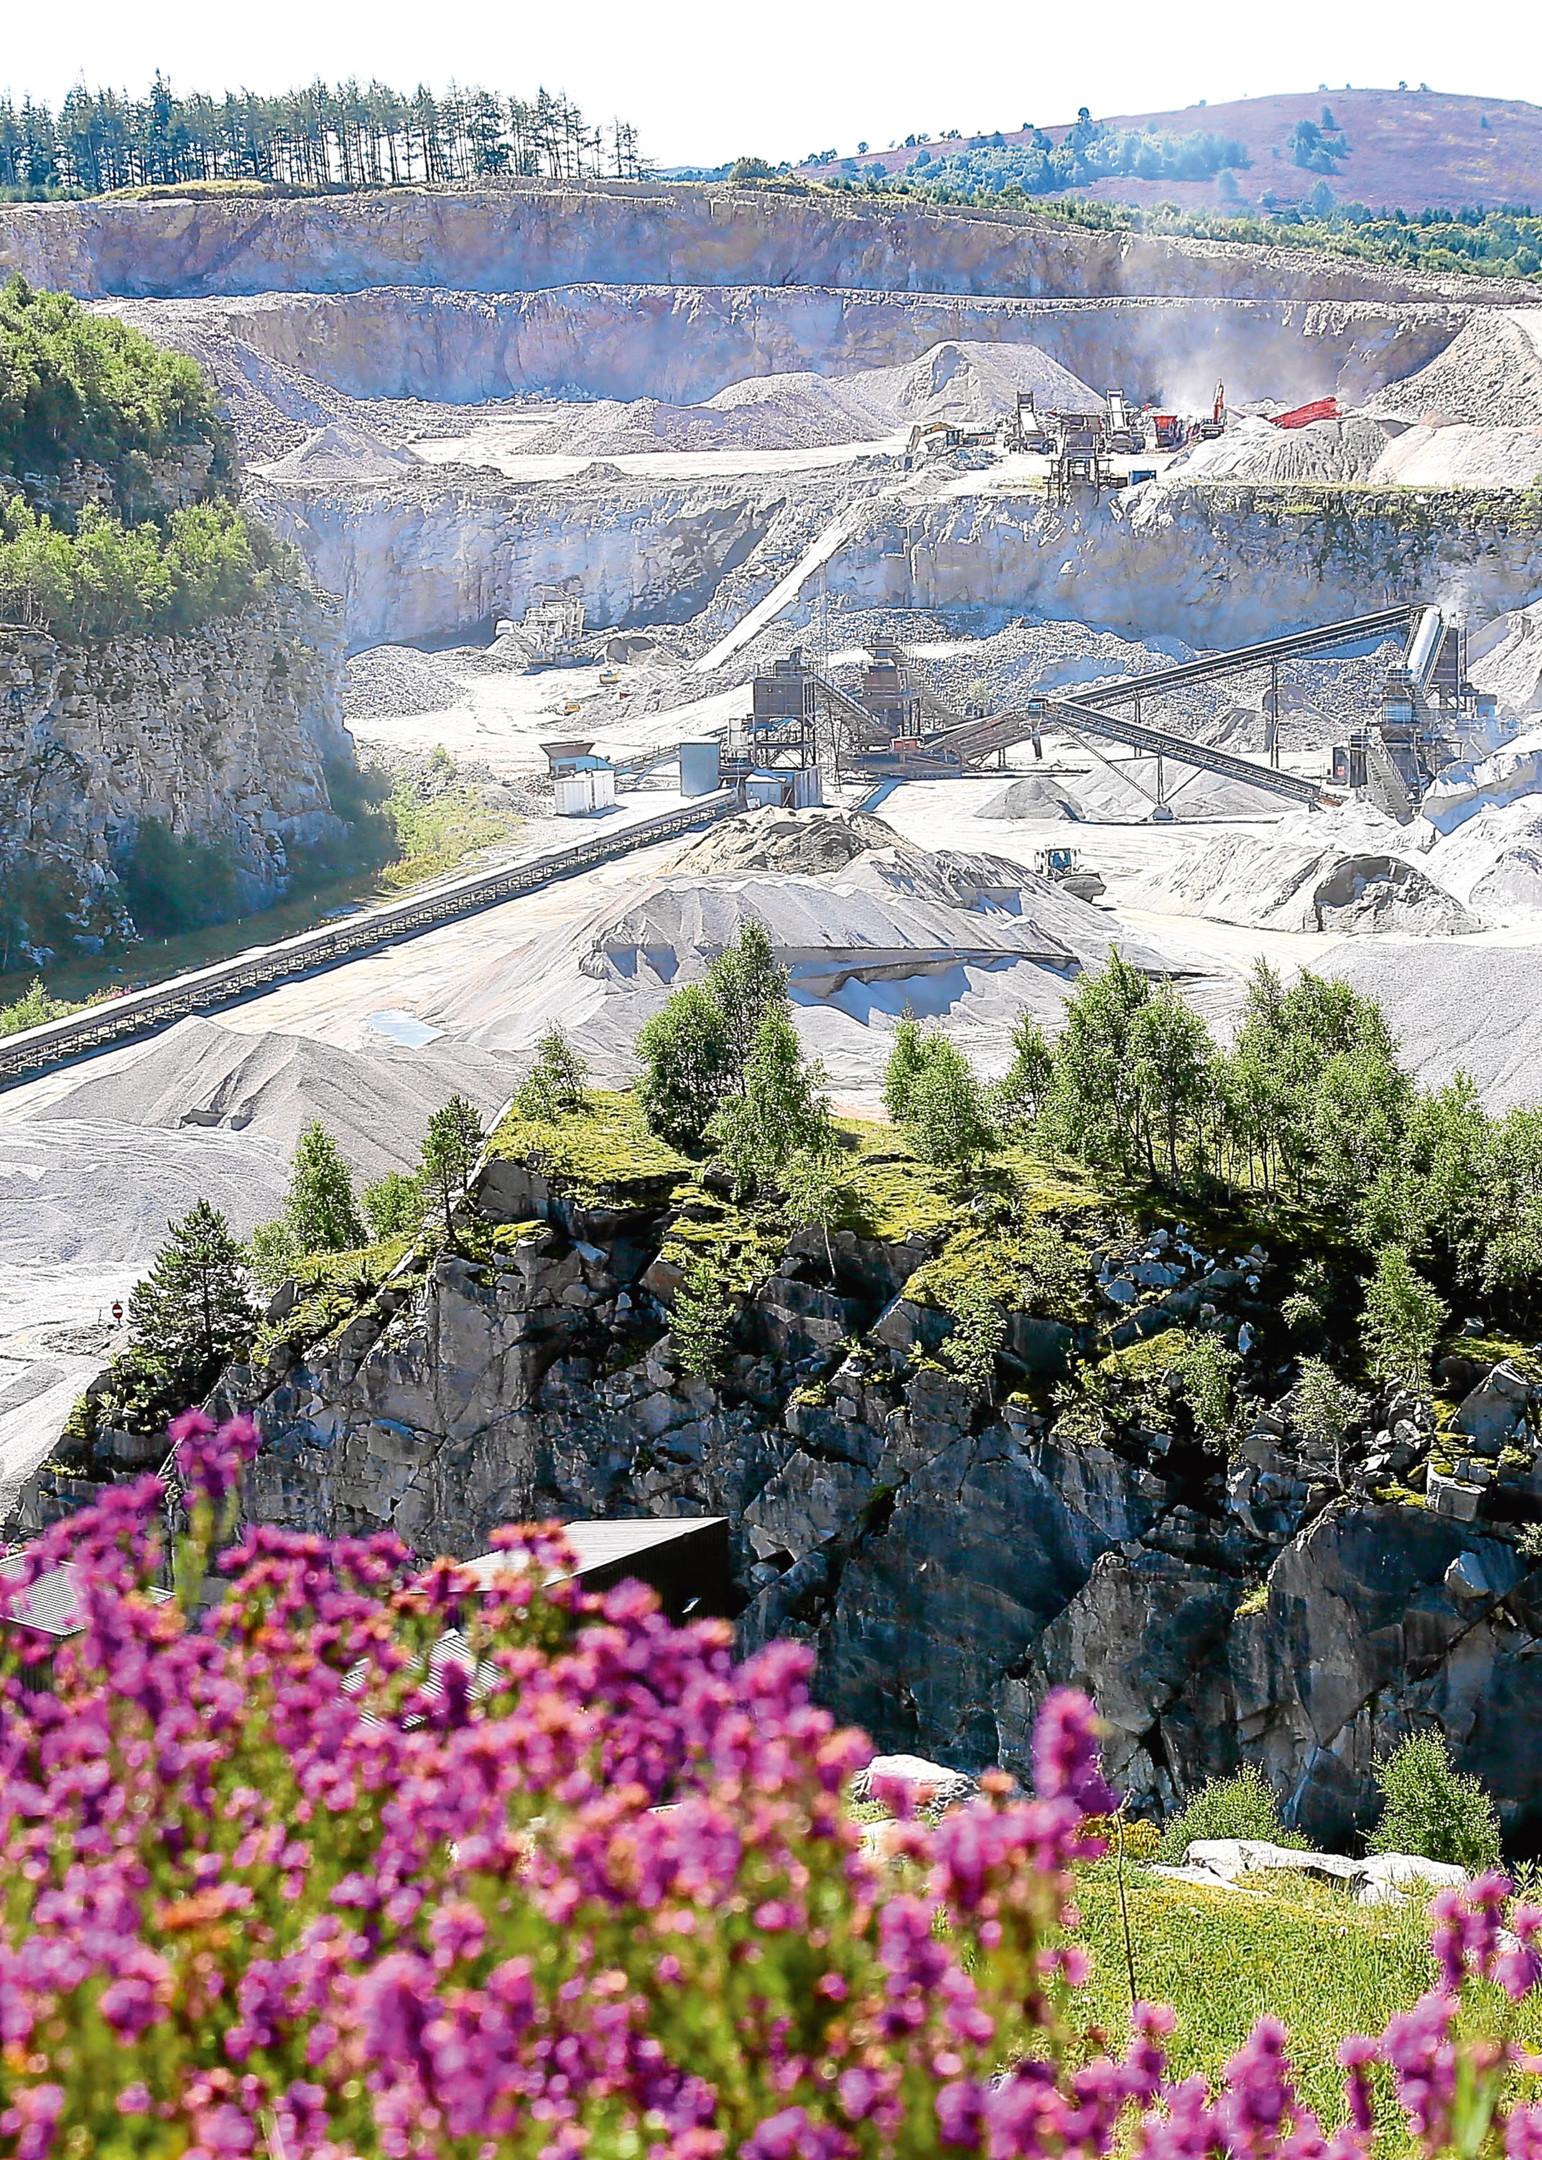 Breedons Craigenlow quarry in Dunecht